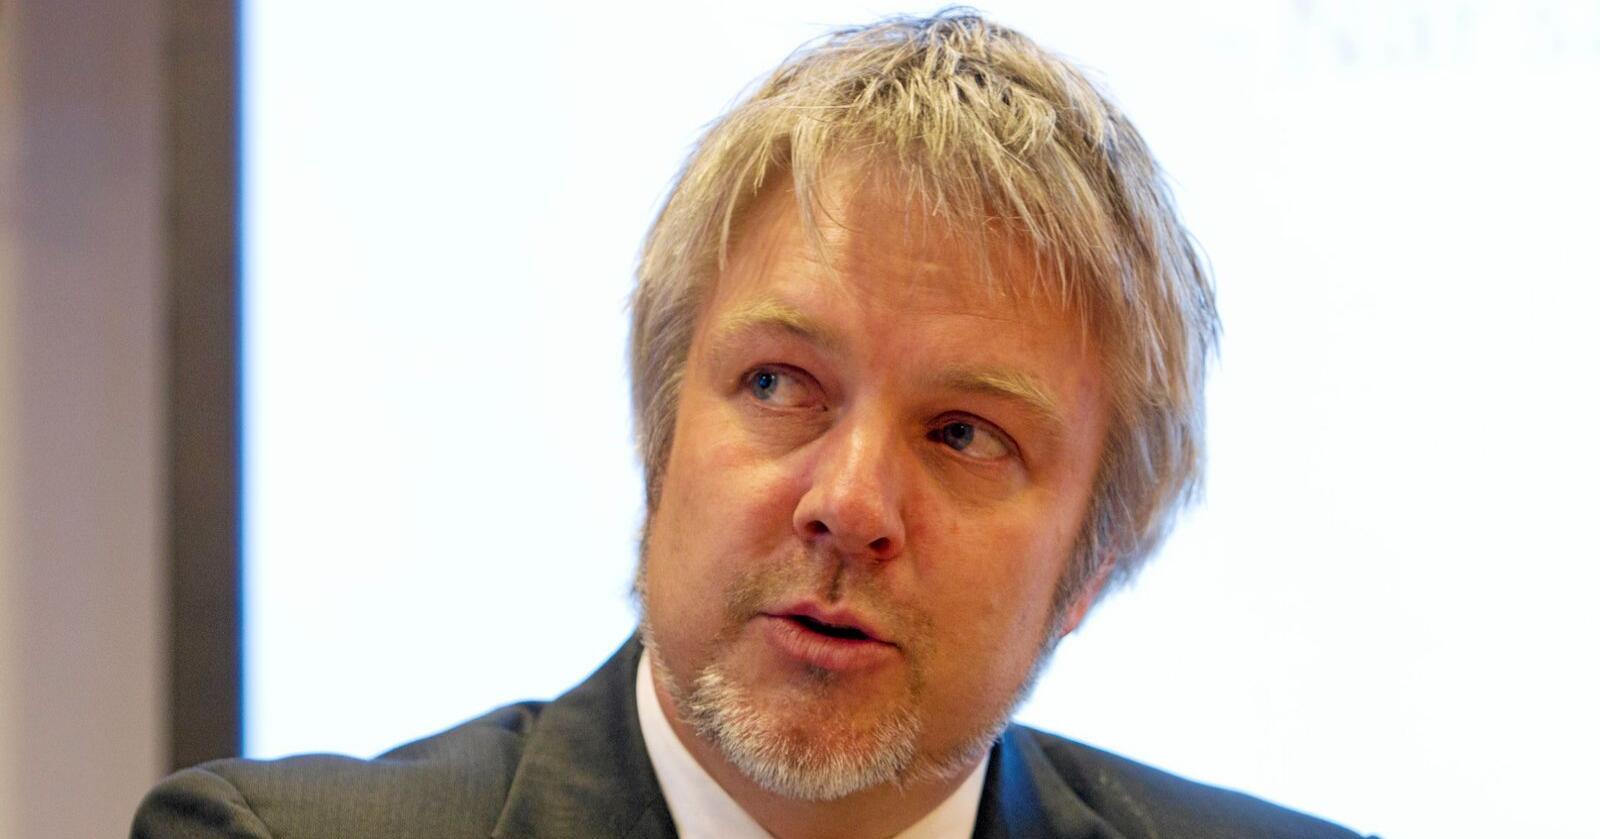 Lagdommer Per Jordal mener regjeringa la opp til uselvstendige filialer i sitt forslag til ny domstolsreform. Foto: Håkon Mosvold Larsen / Scanpix